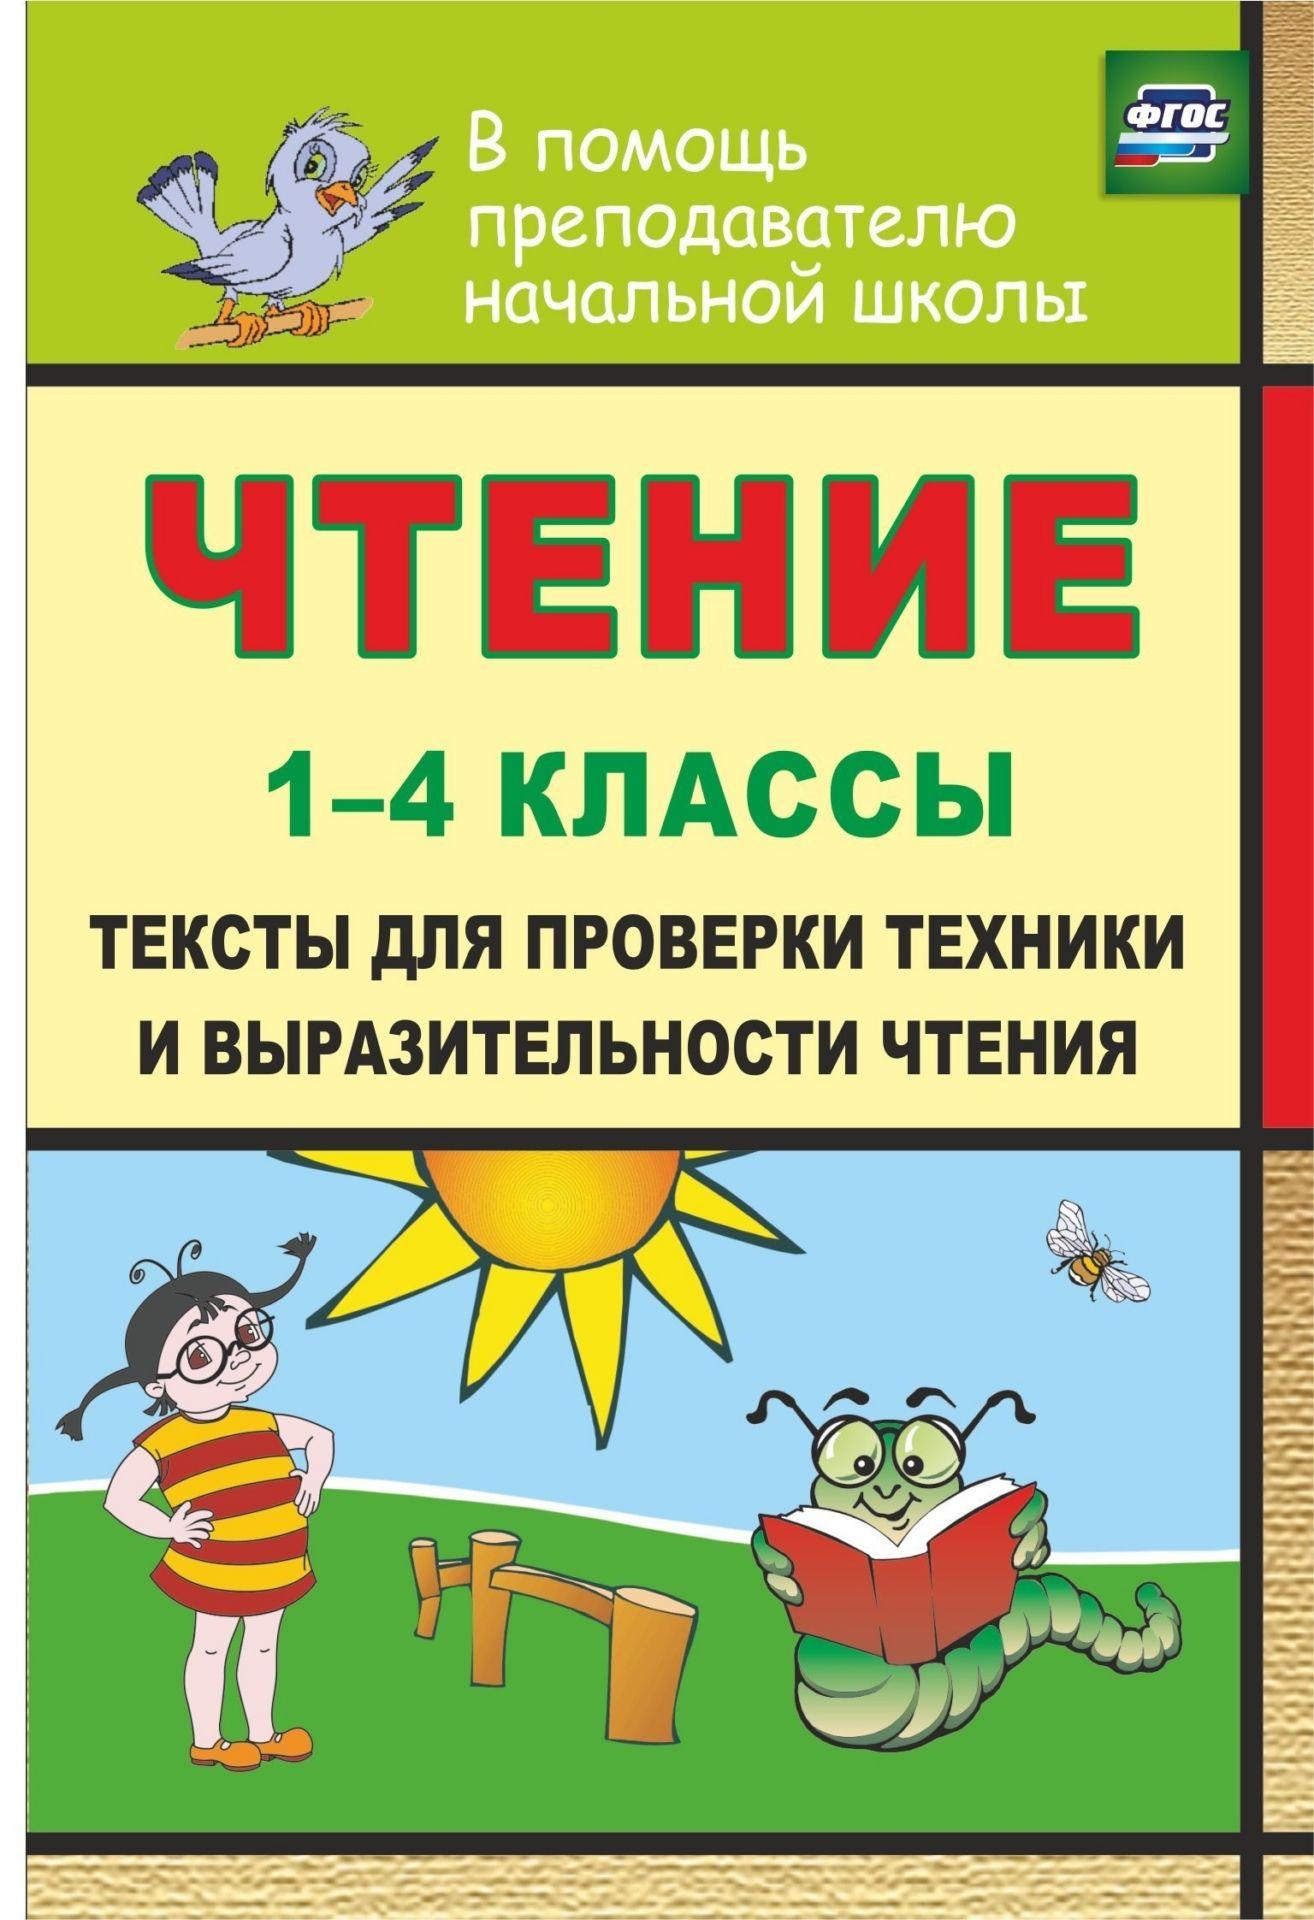 Чтение. 1-4 классы. Тексты для проверки техники и выразительности чтения. Программа для установки через Интернет